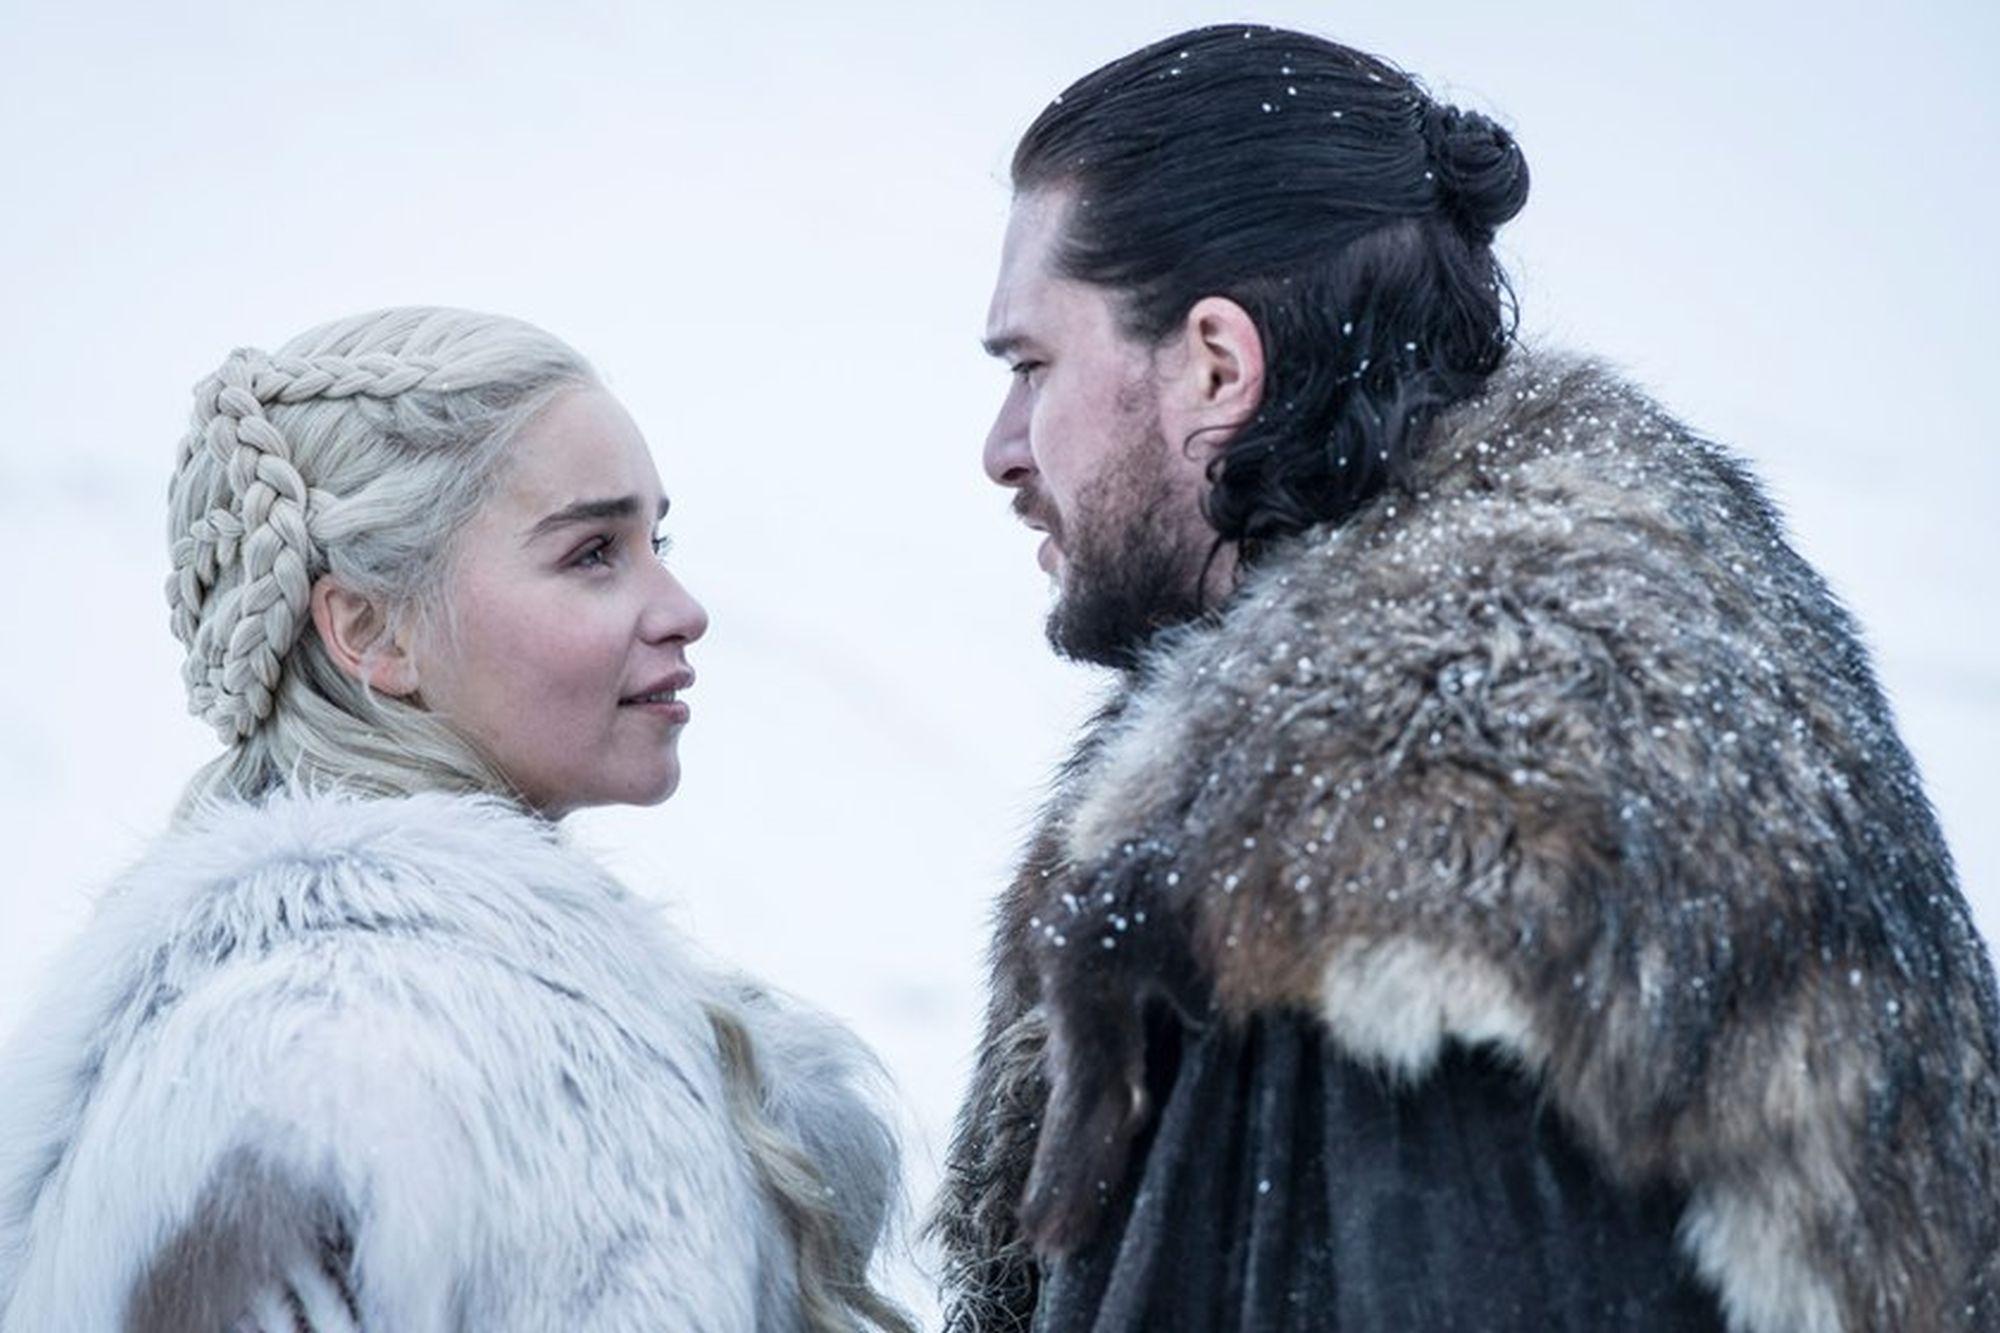 9 bares para assistir à última temporada de Game of Thrones ao vivo